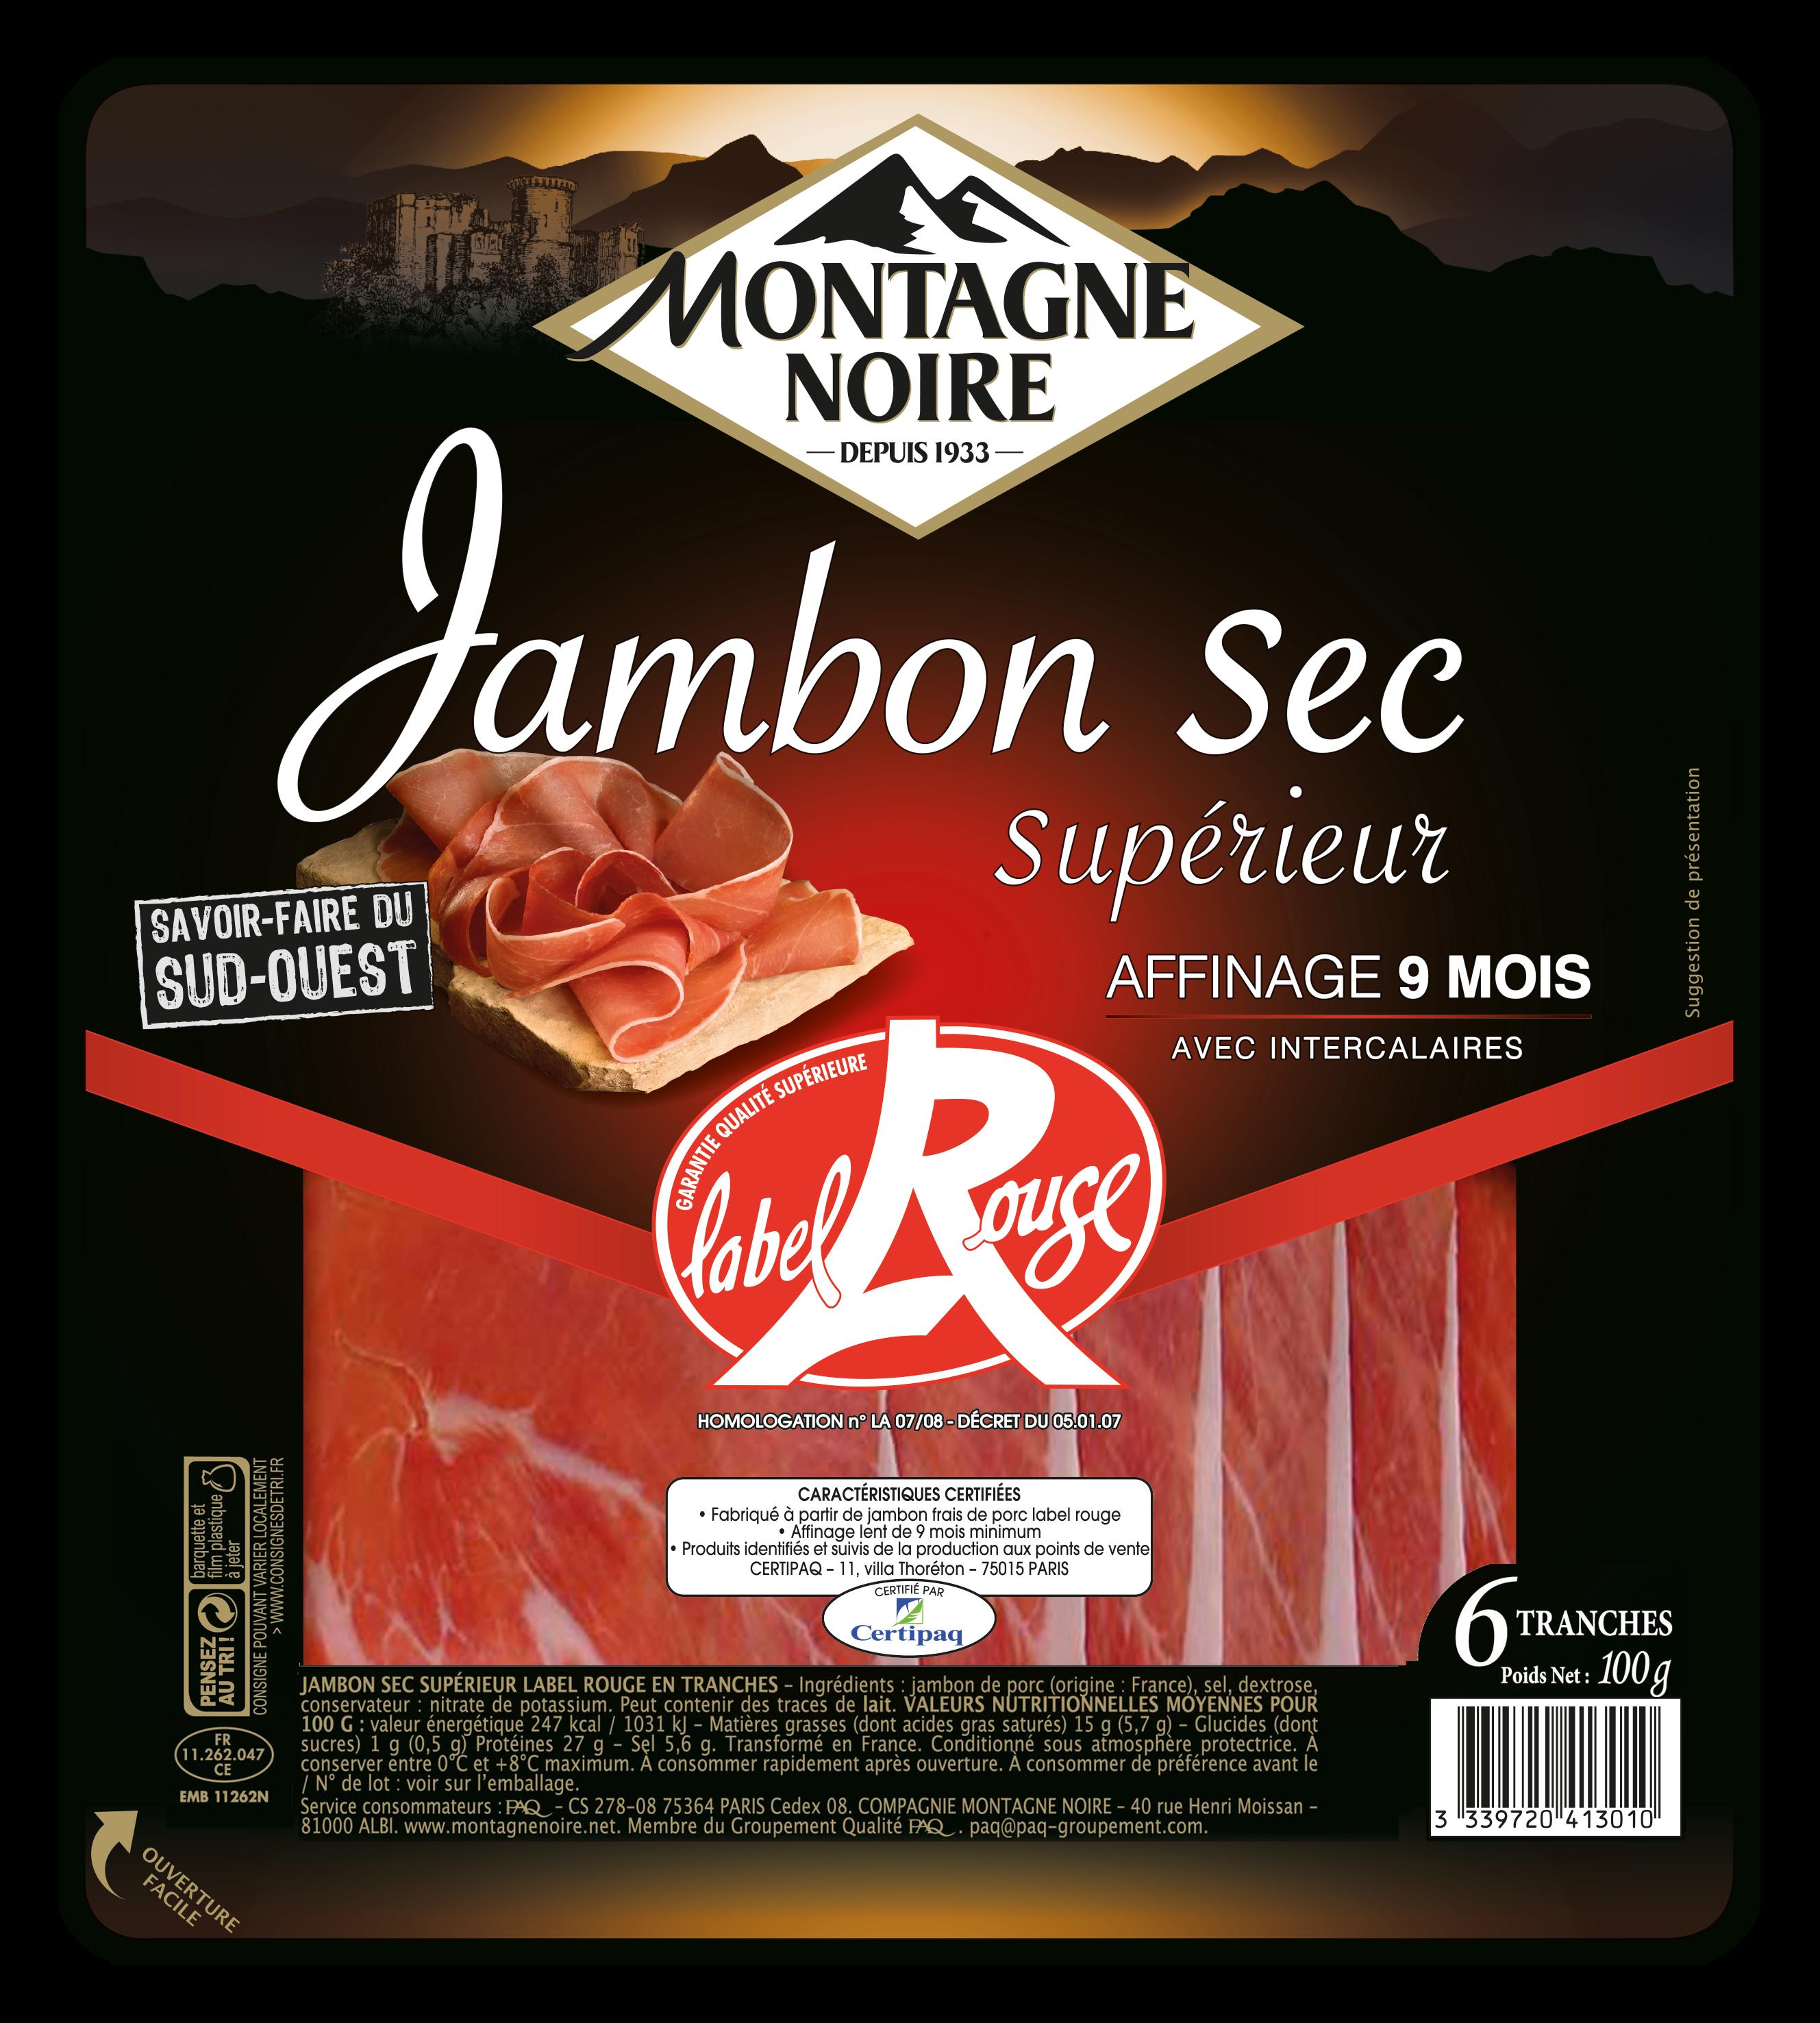 Jambon Sec Label Rouge, Montagne Noire (6 tranches, 100 g)